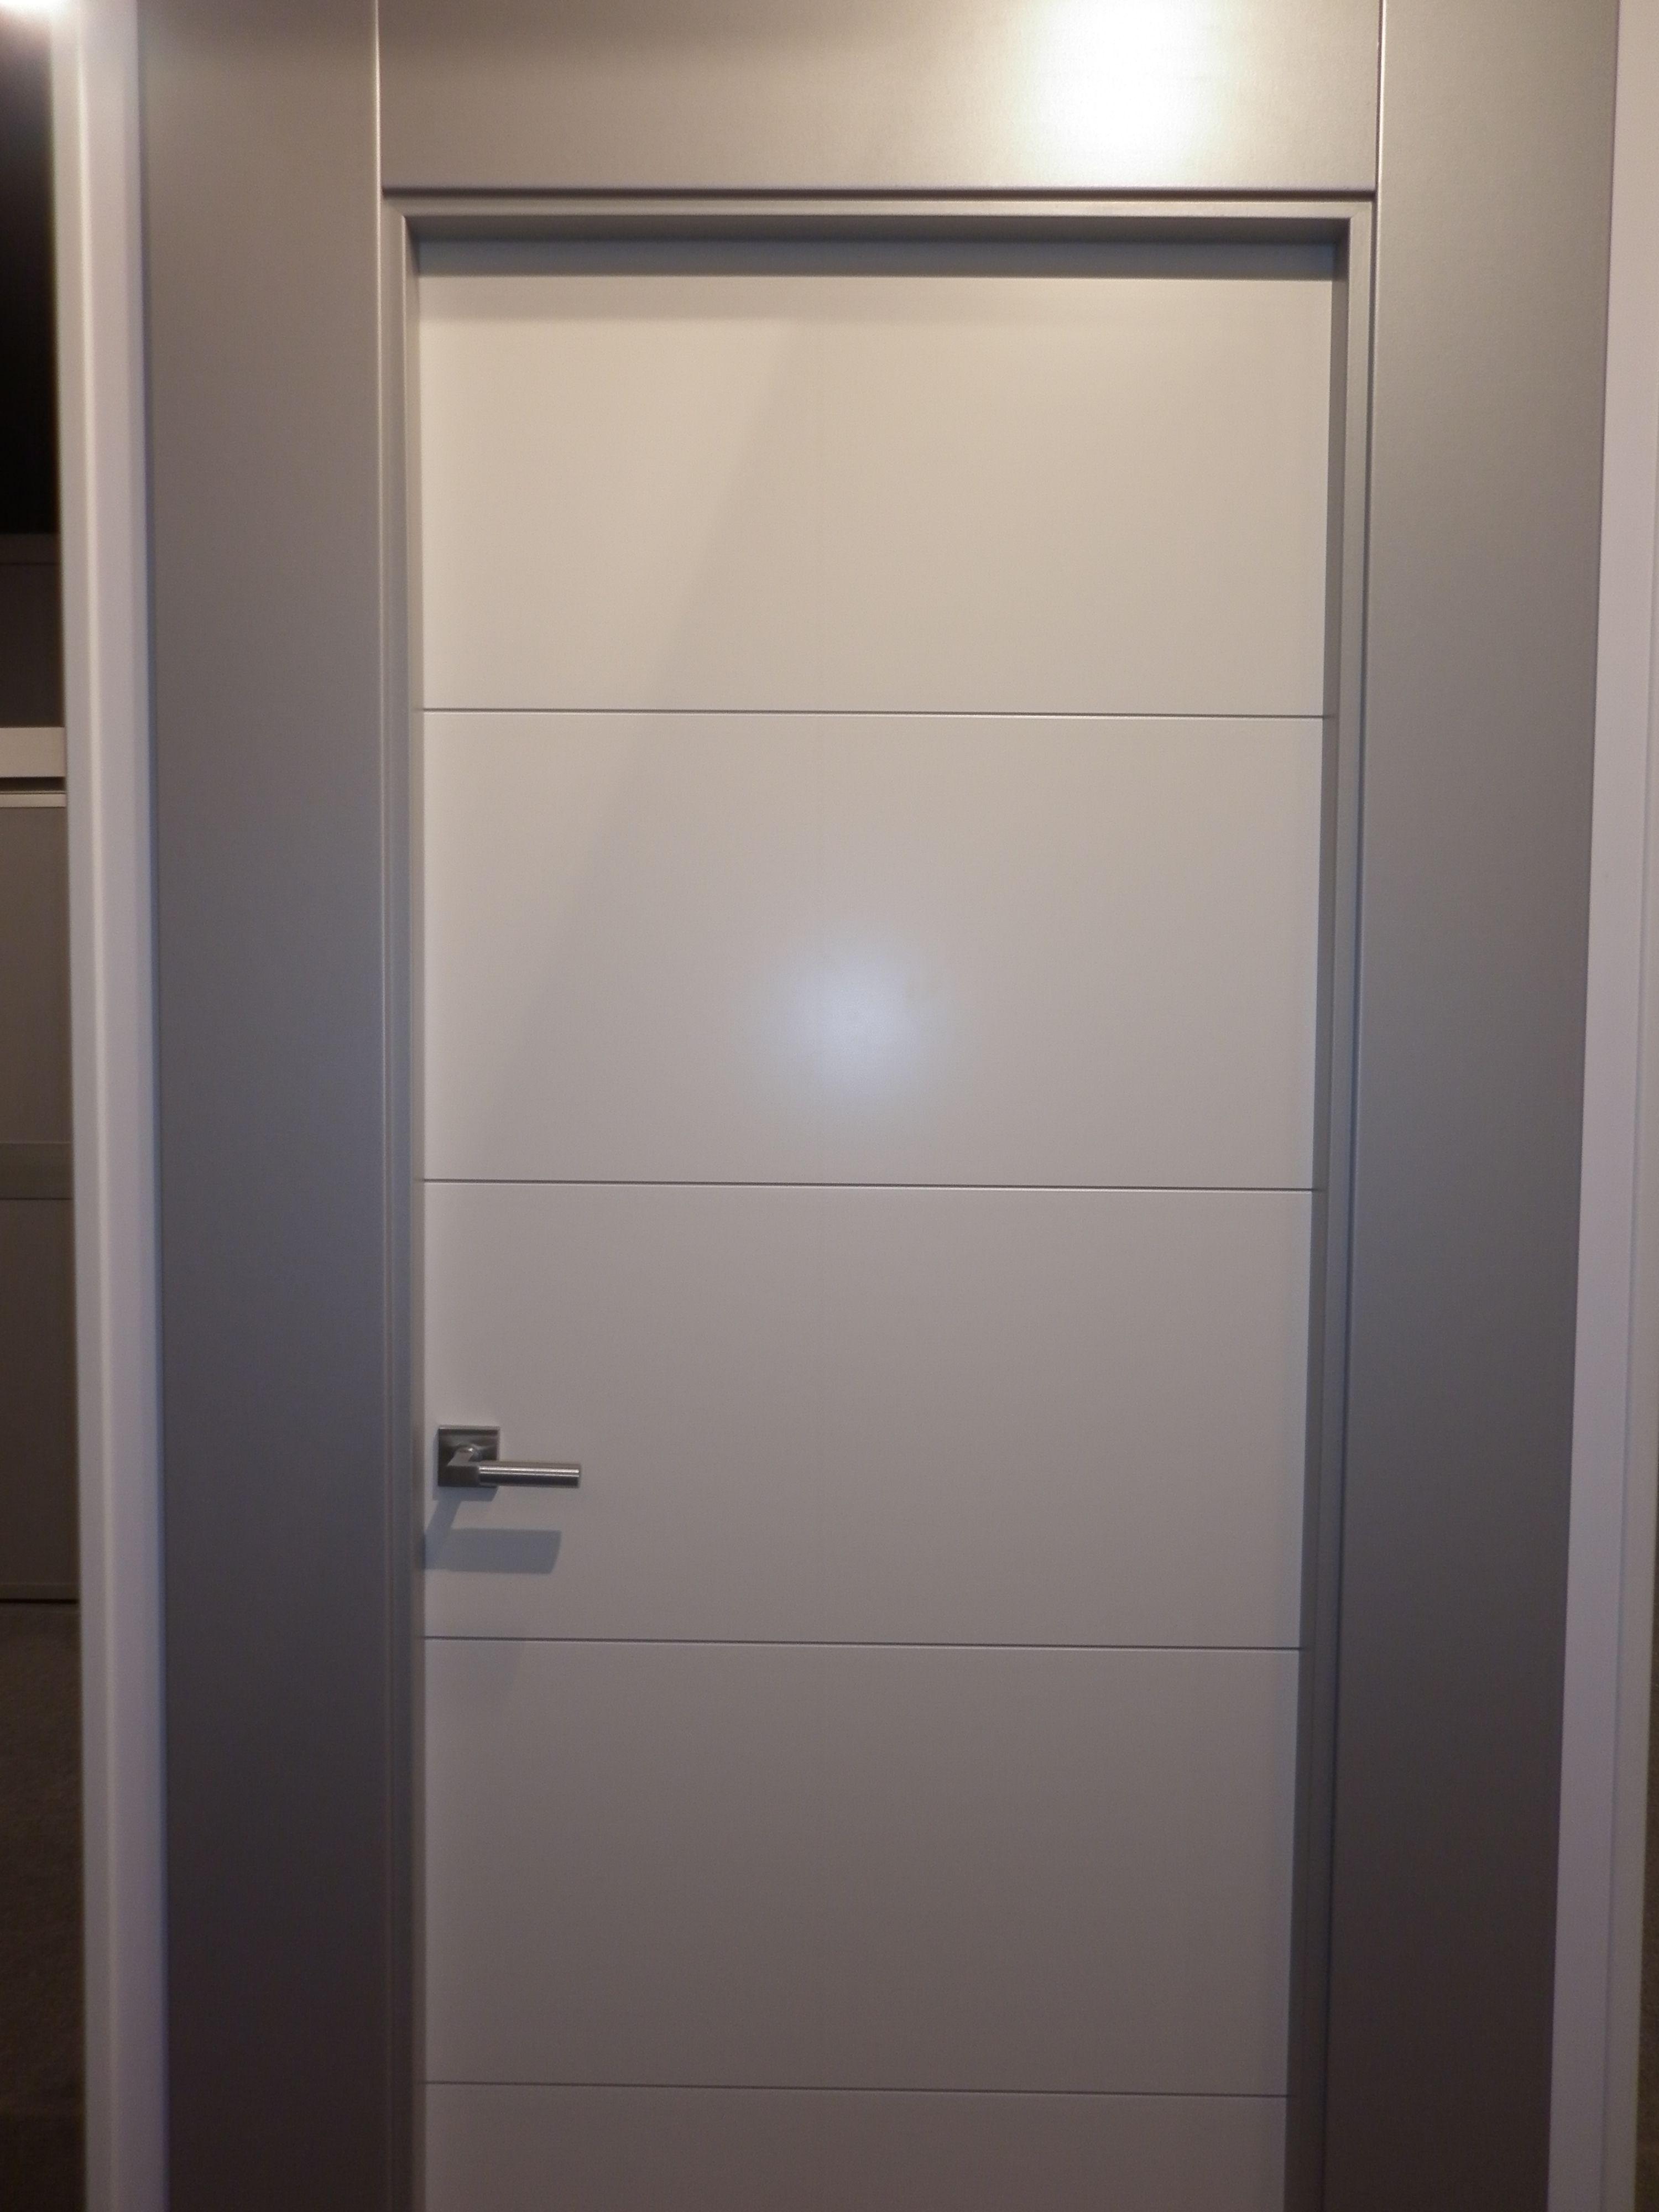 Oferta puertas interior amazing oferta puertas acorazadas for Ofertas puertas interior